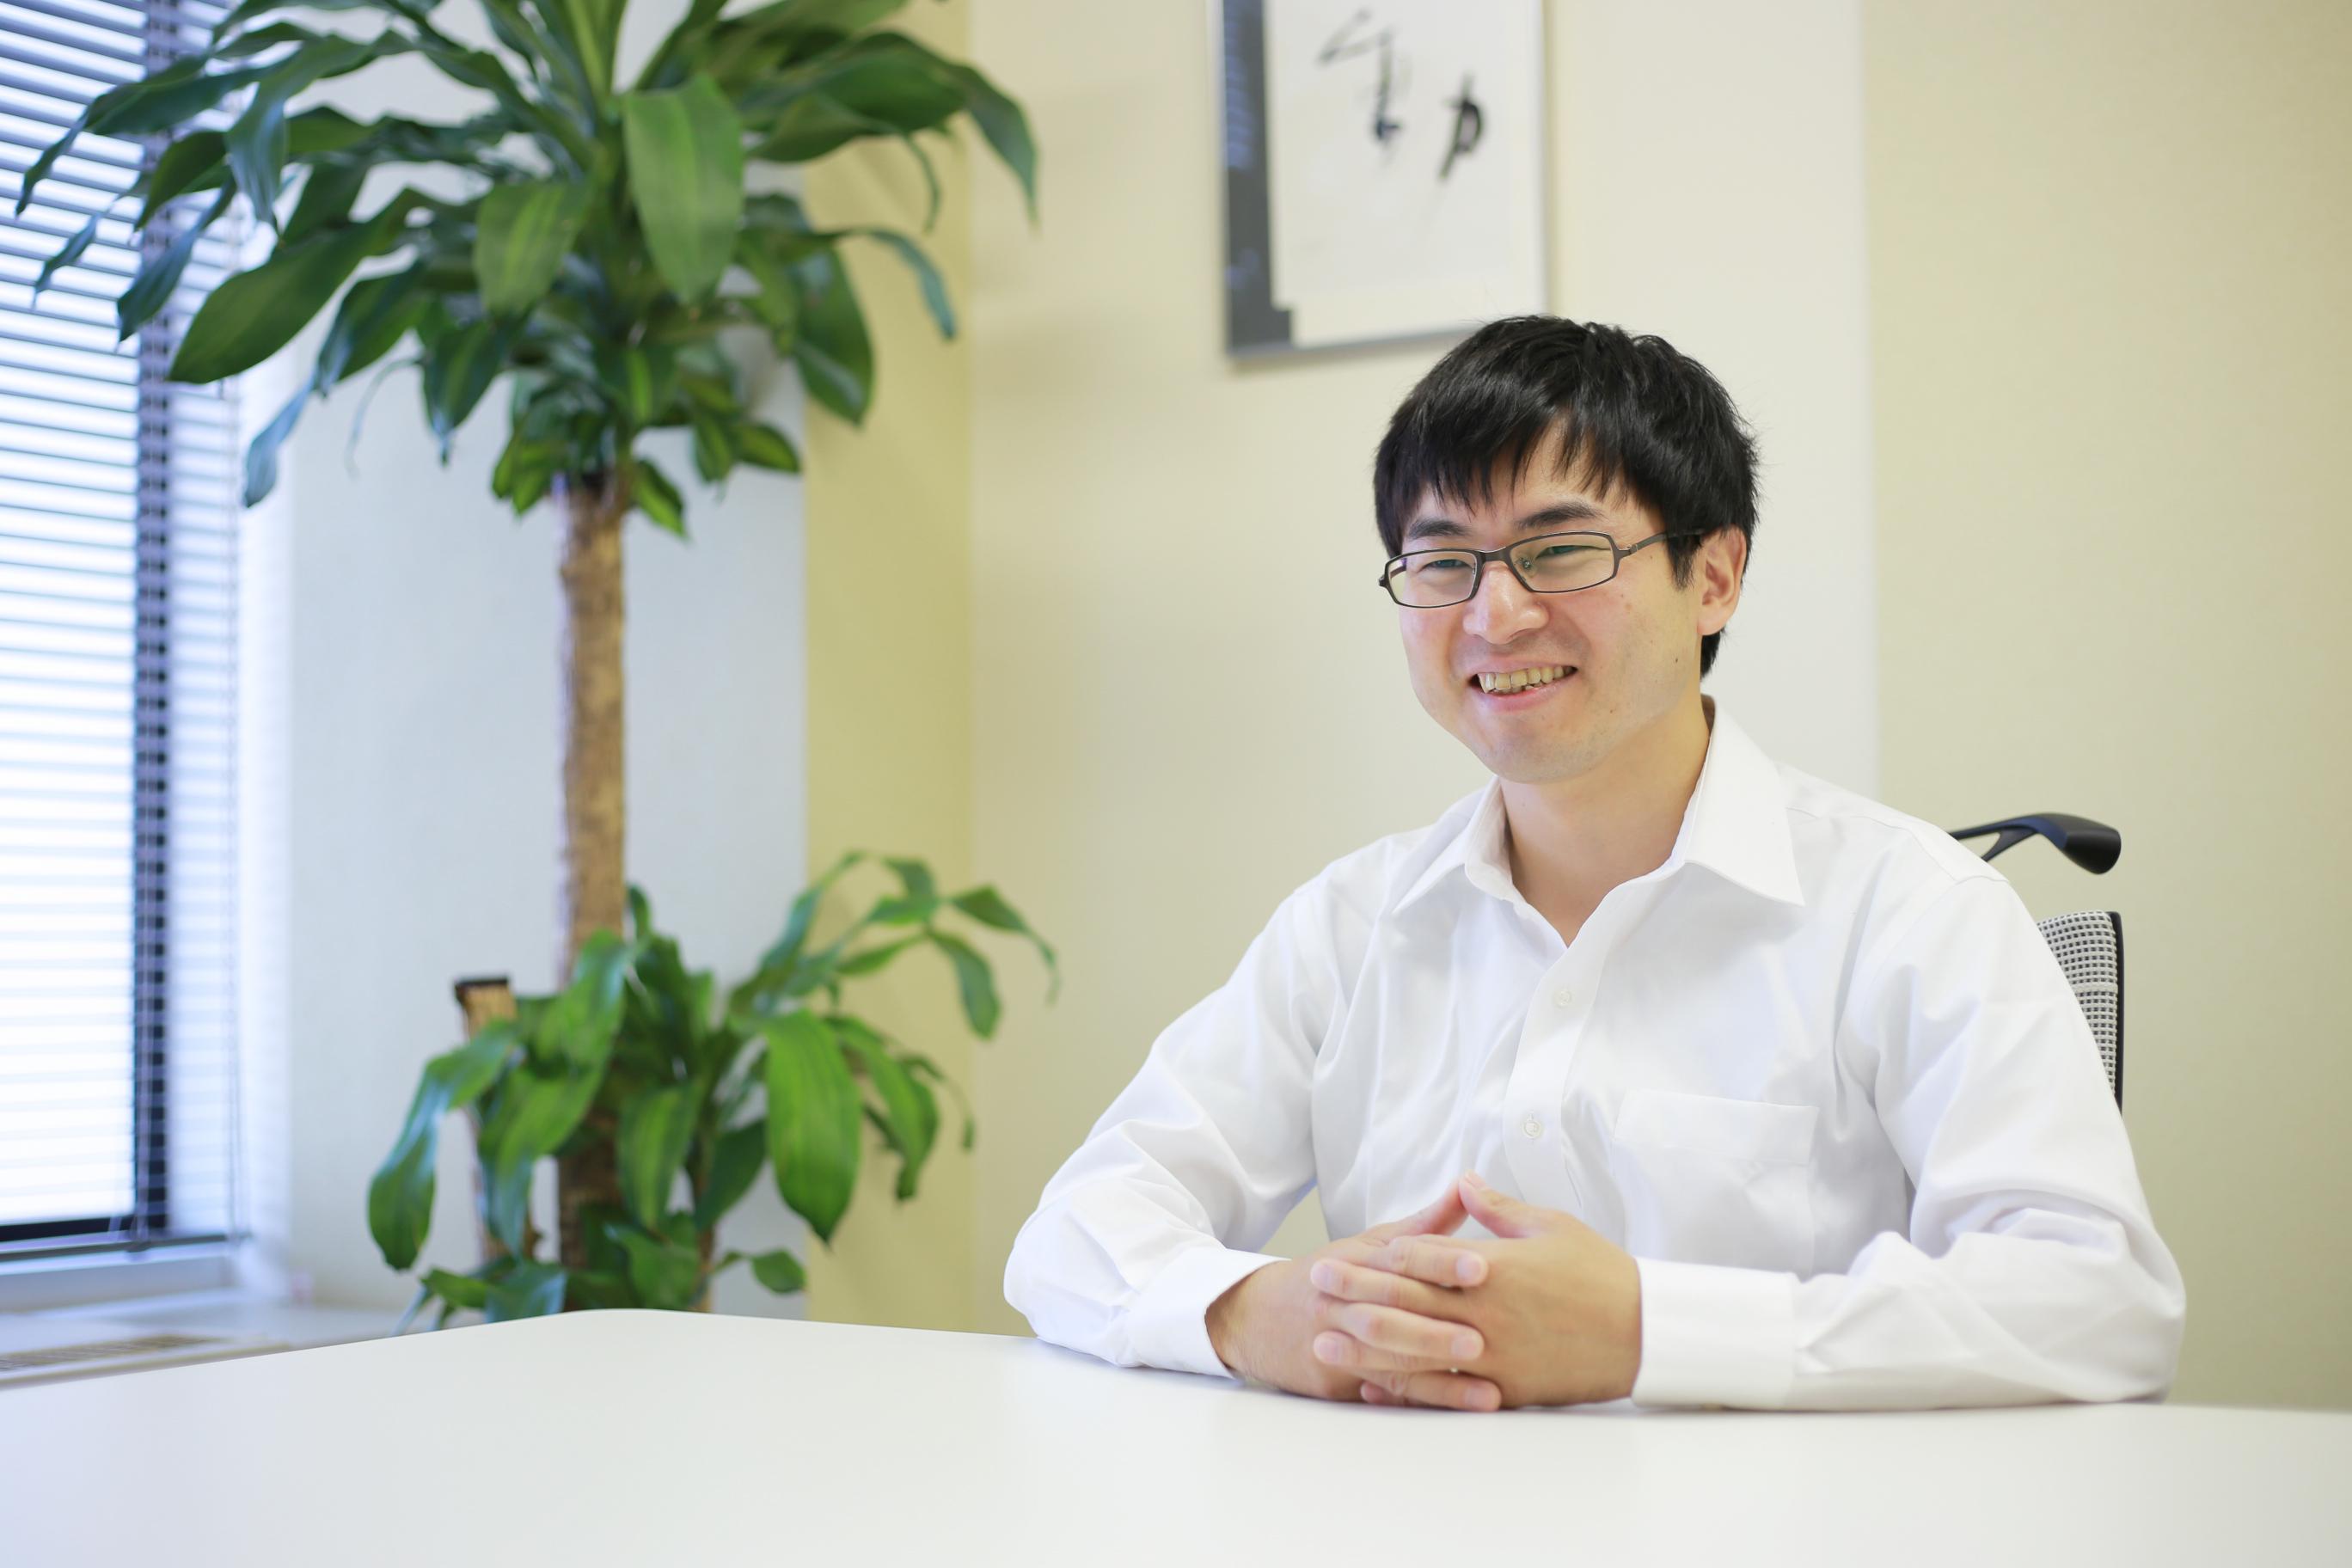 【東京都港区】 誠真IP特許業務法人 ◆世代交代で30~40代が活躍中◆ のイメージ